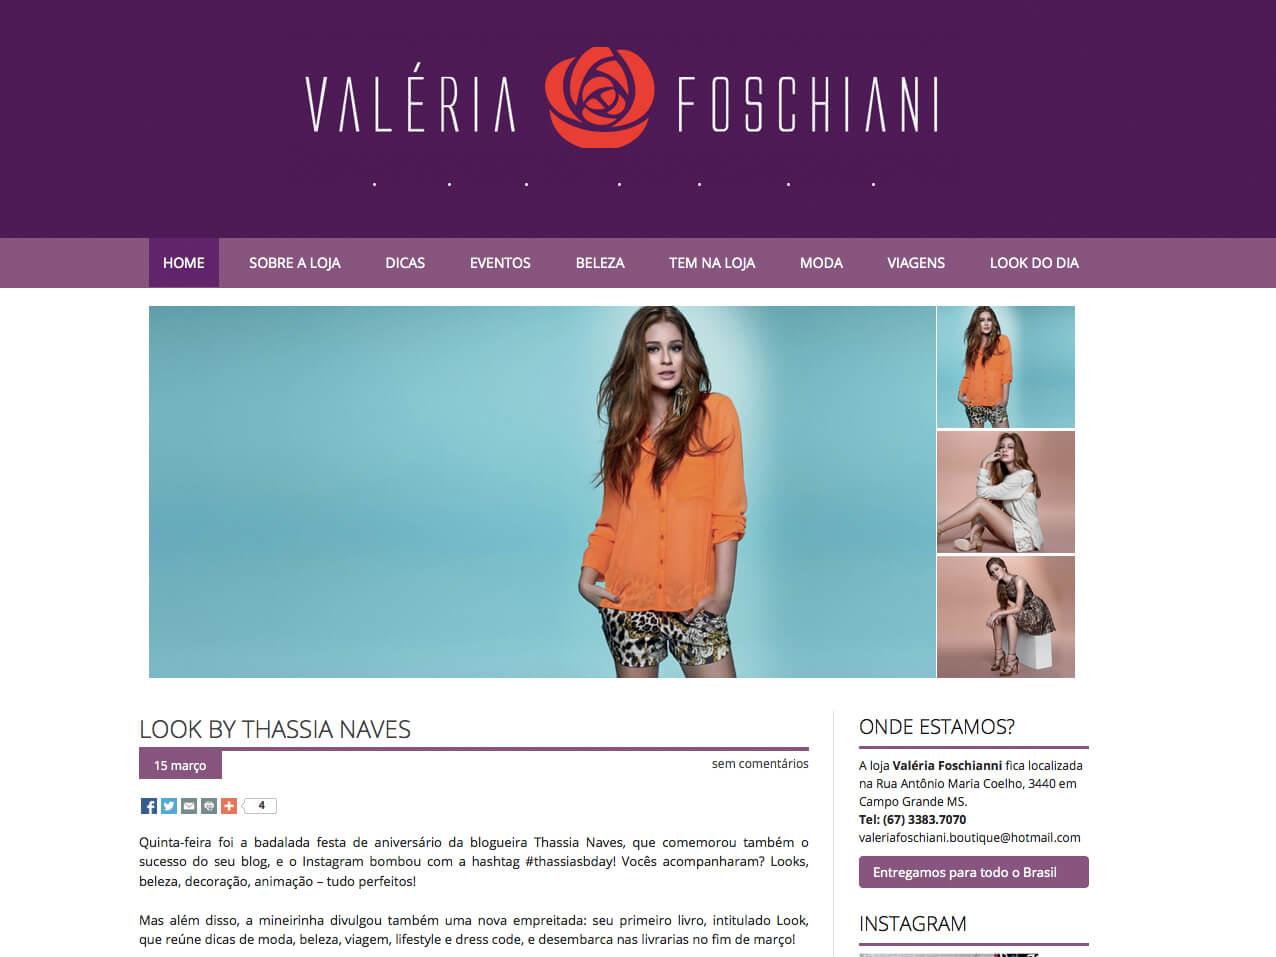 blog-valeria-foschiani-screenshot